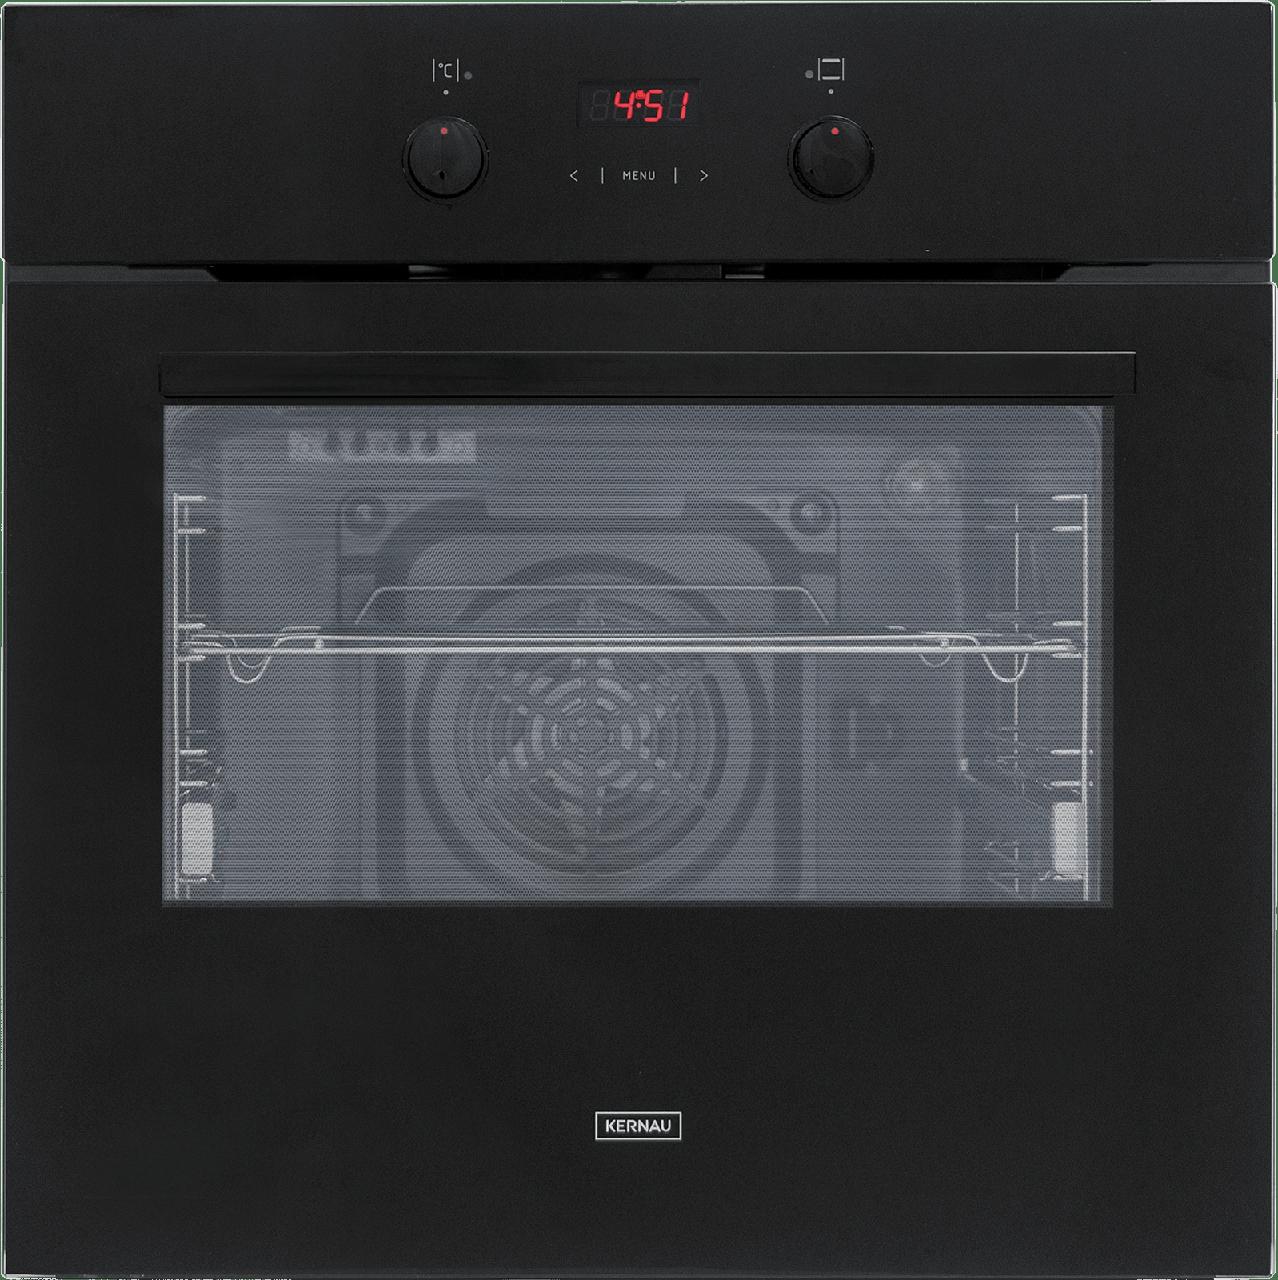 Духовой шкаф встраиваемый Kernau KBO 1066 S PT B